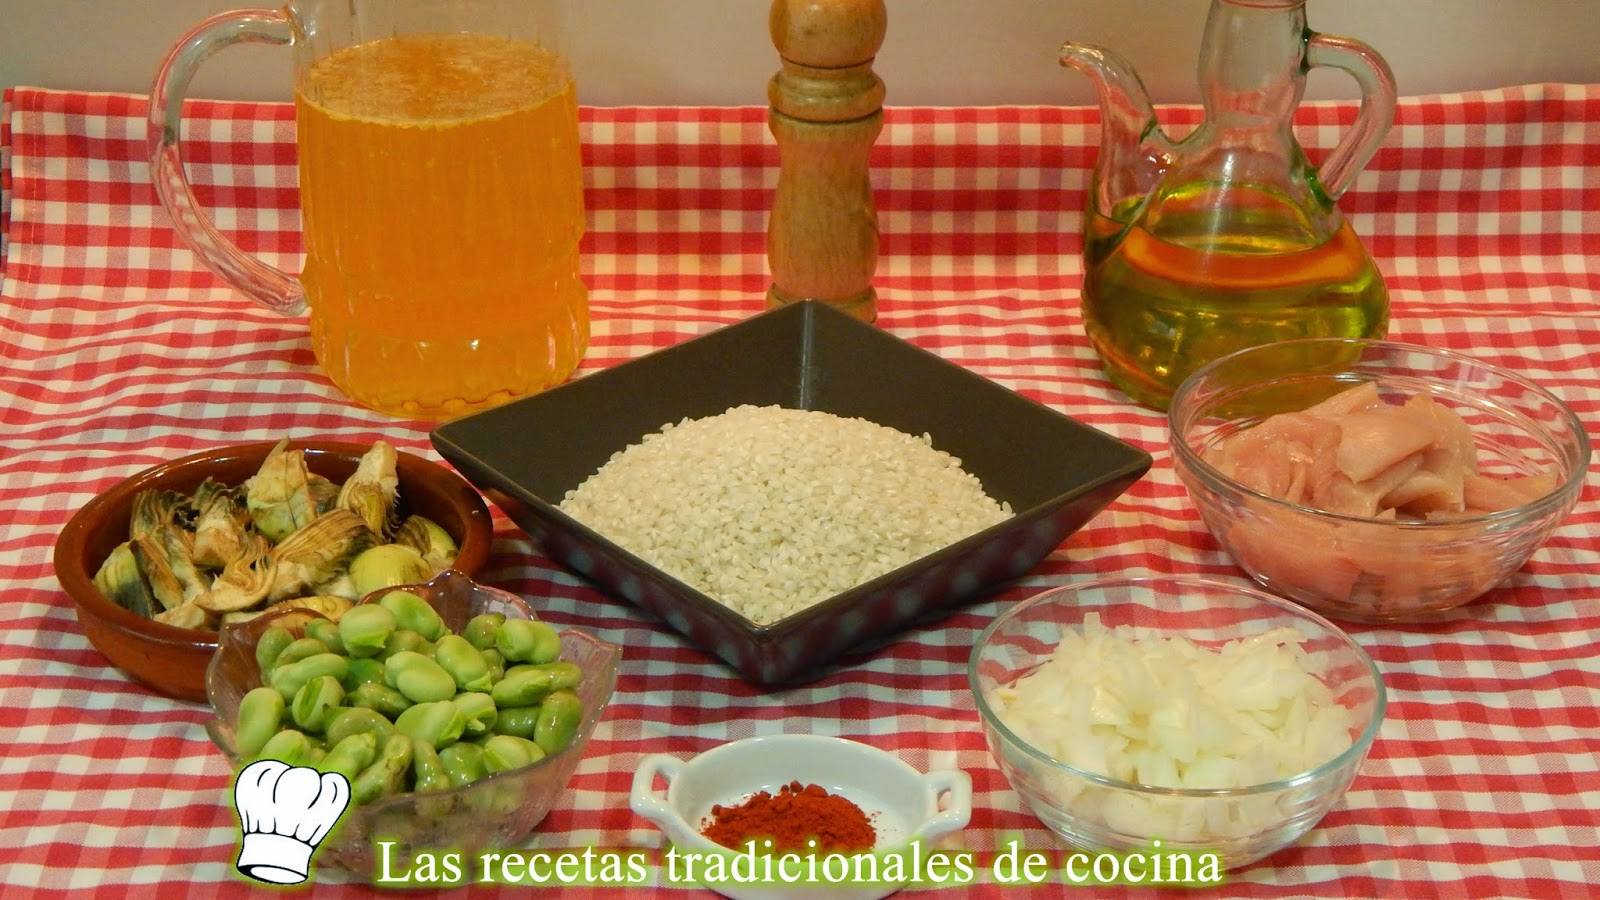 Receta fácild e arroz con pollo, alcachofas y habas